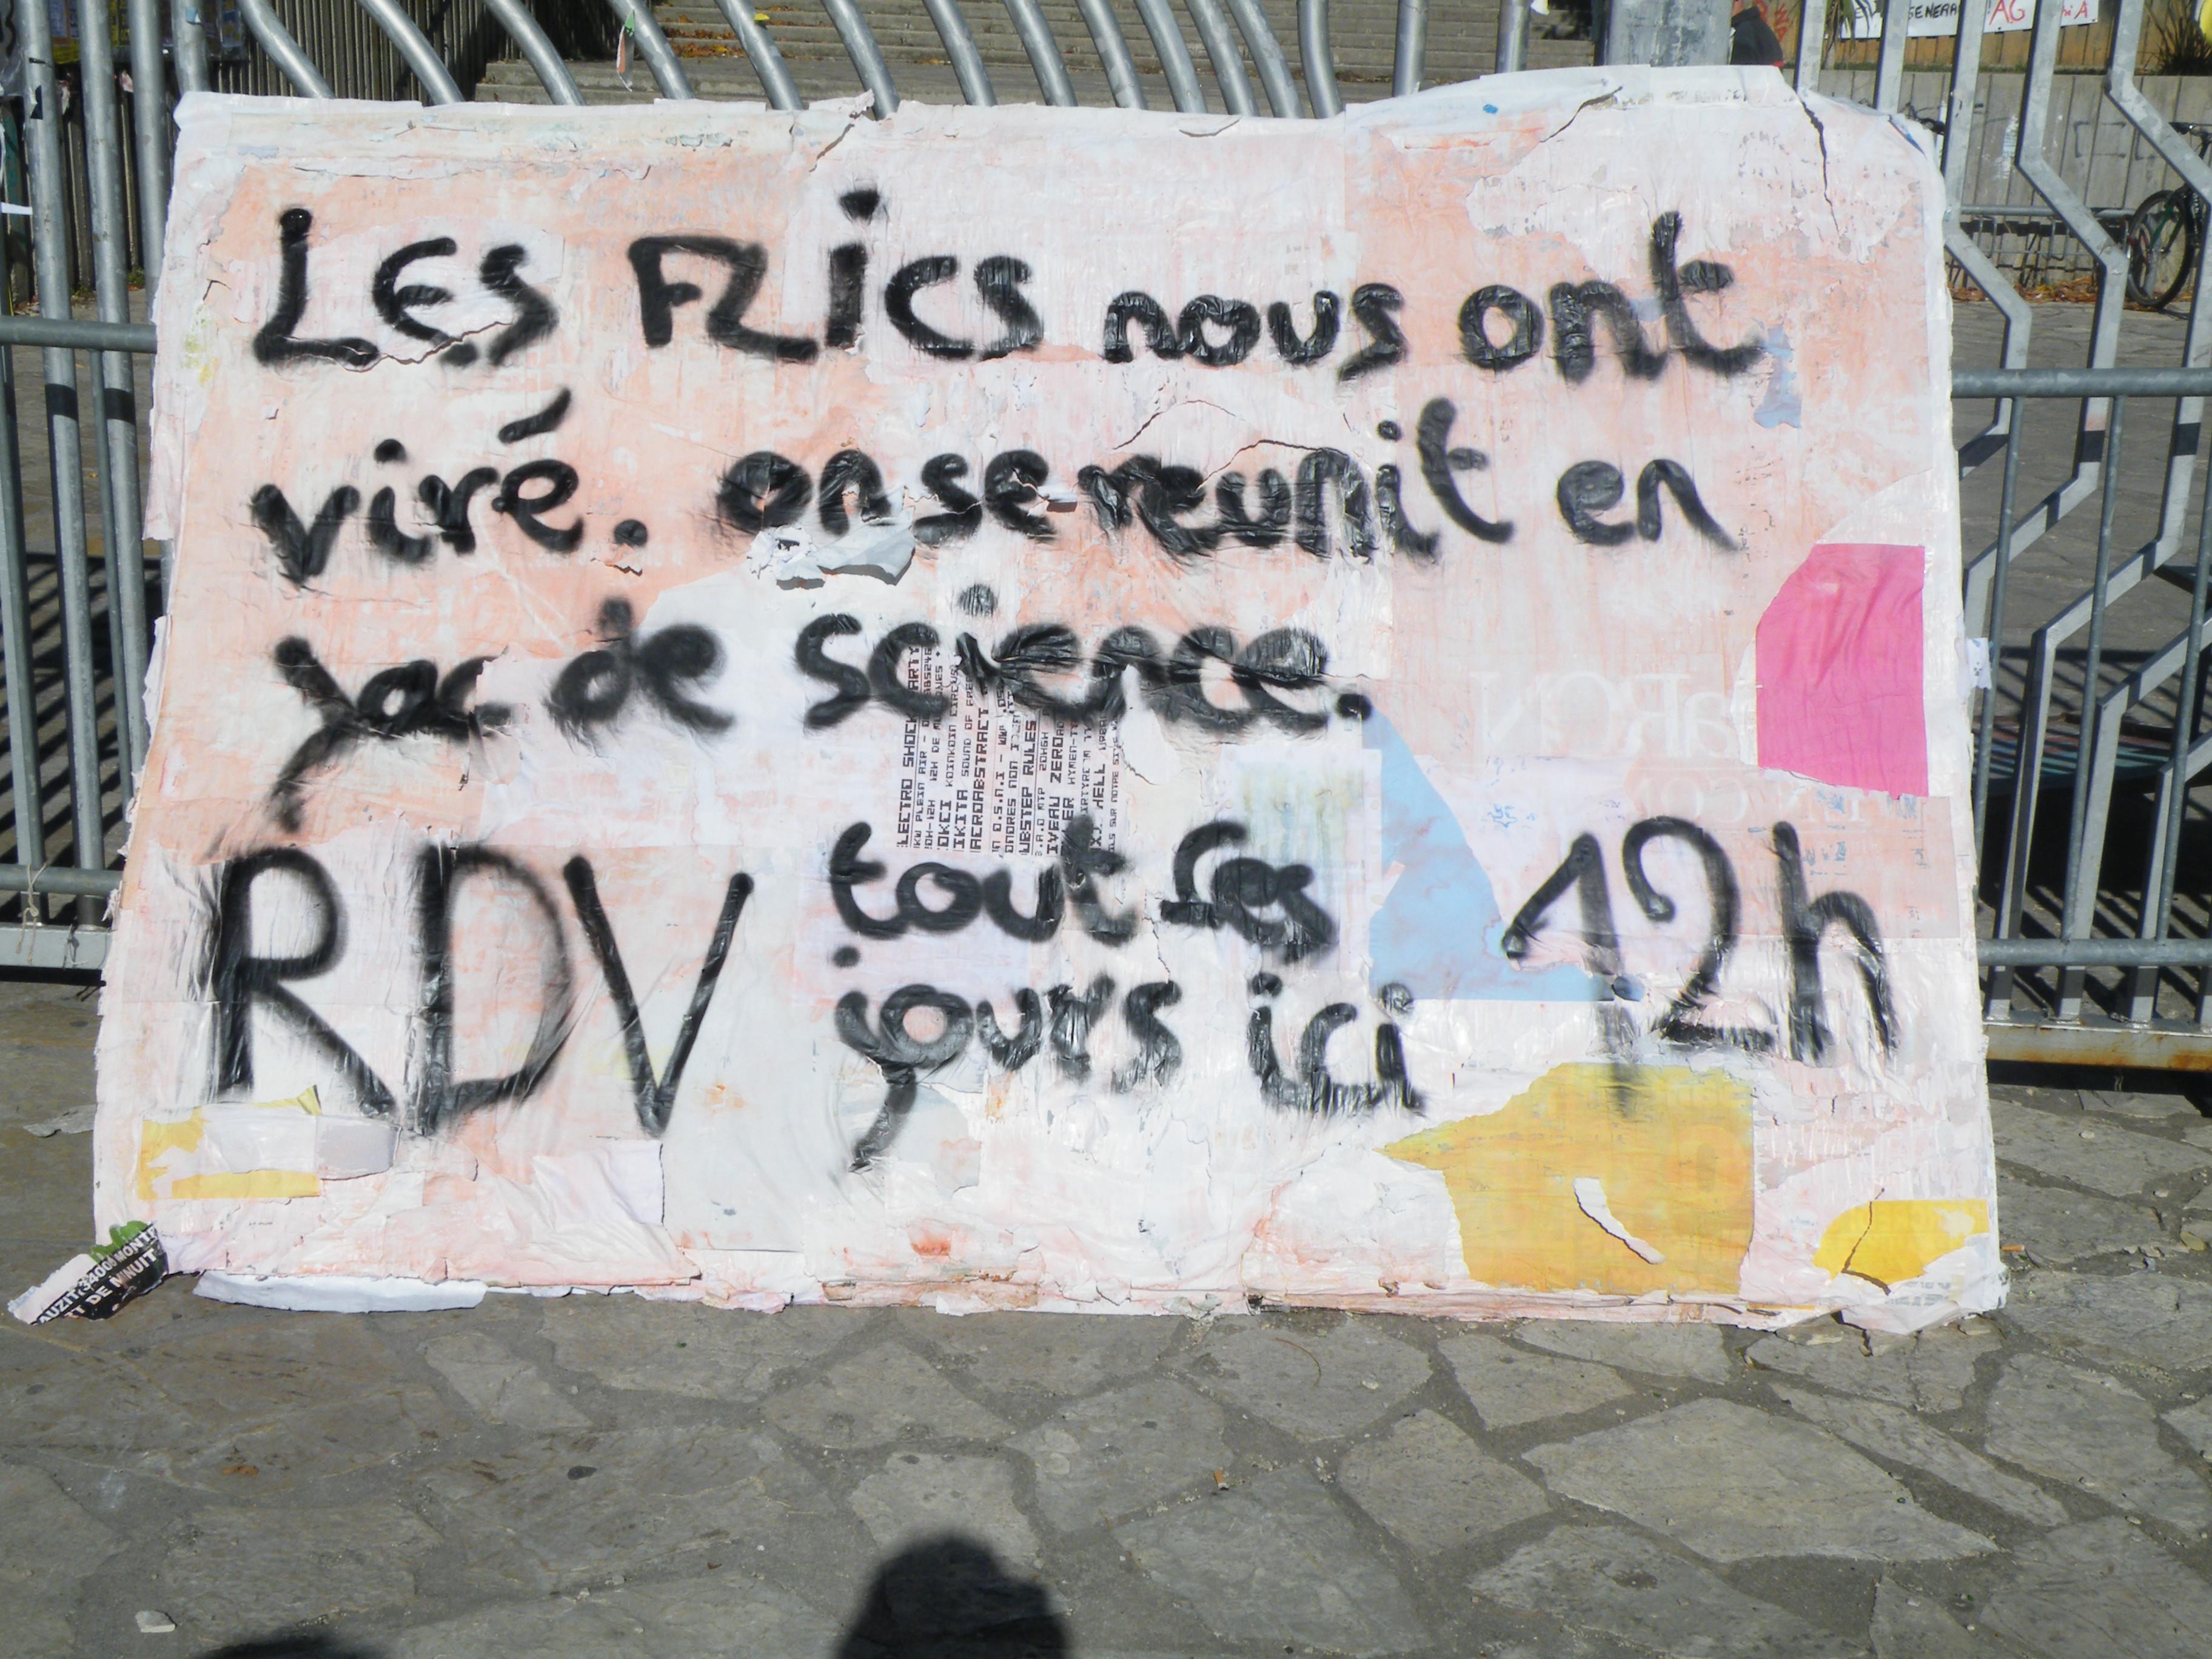 http://le-grand-duduche.cowblog.fr/images/articles2010/DSCF3006.jpg